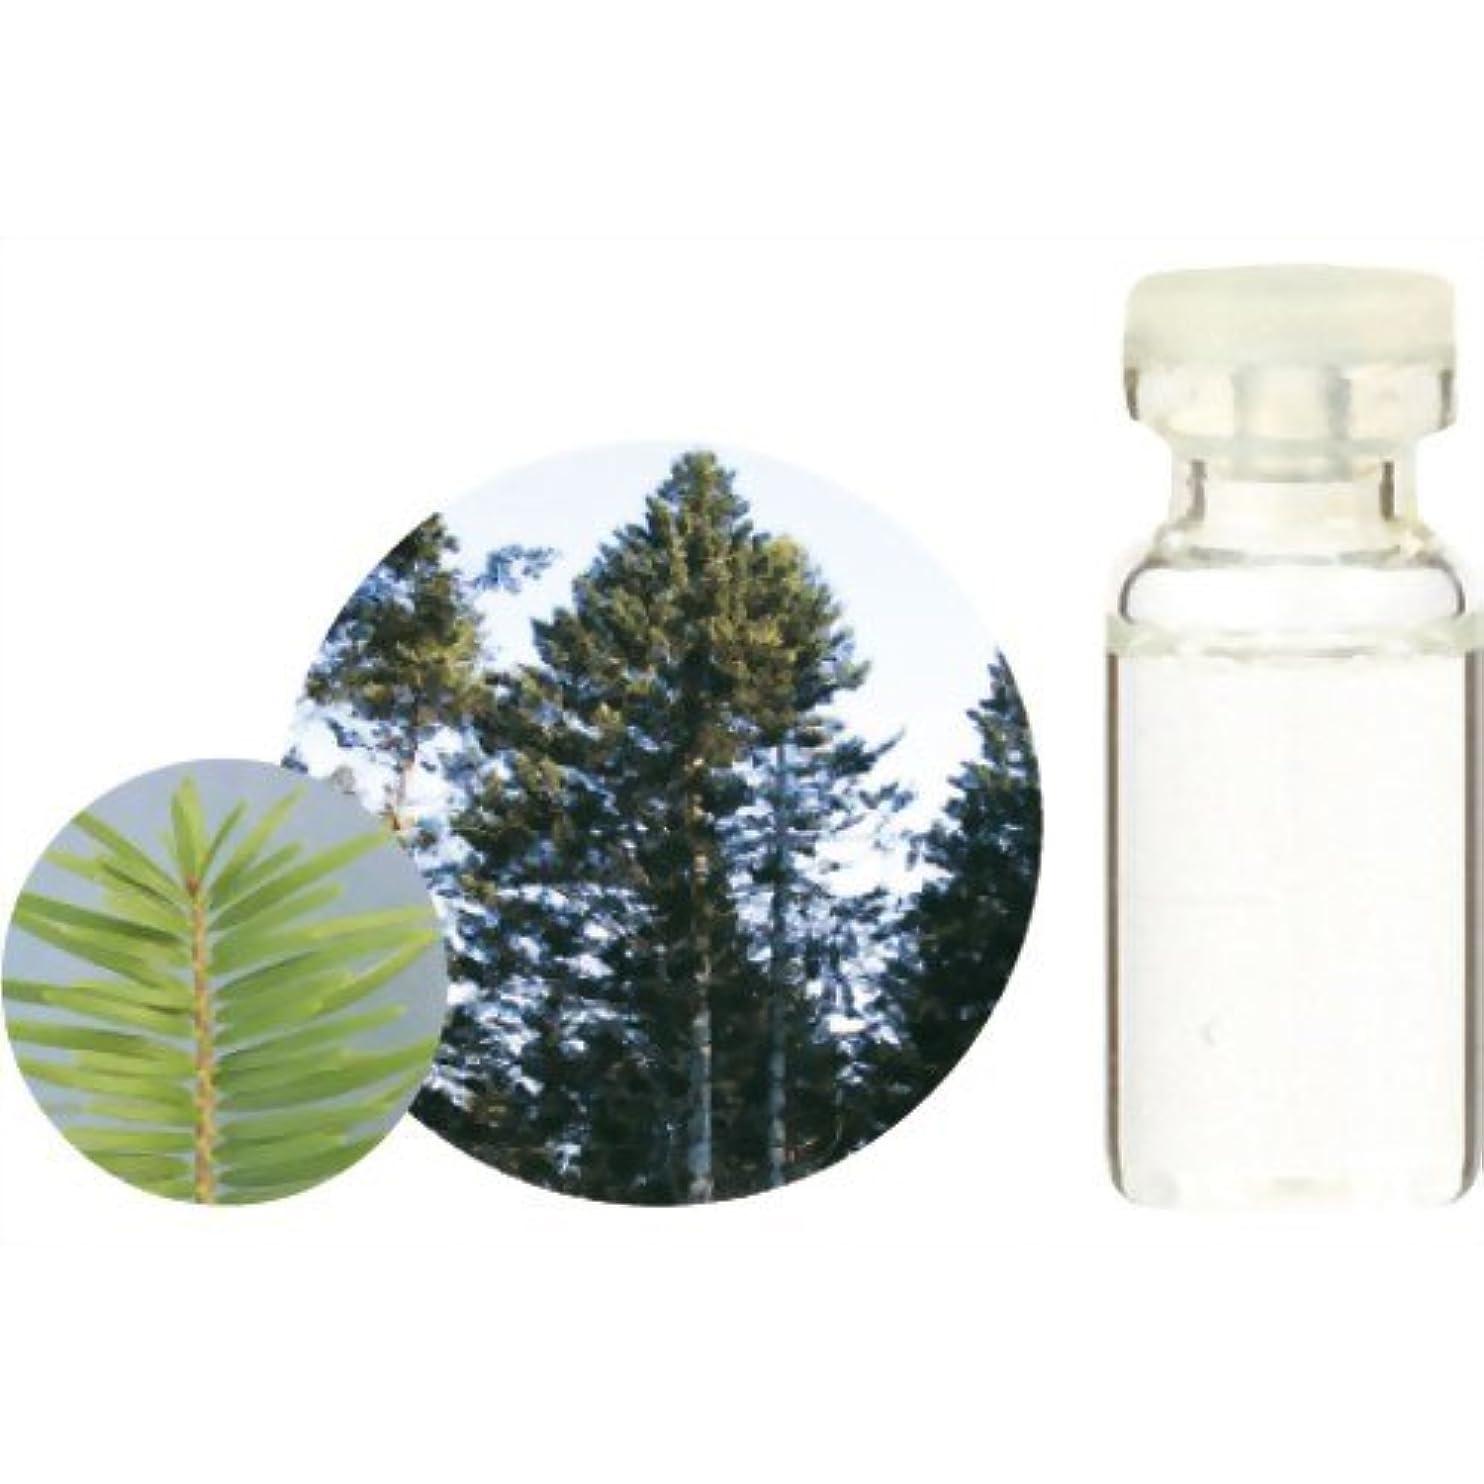 注目すべきマニア垂直生活の木 C 和精油 モミ エッセンシャルオイル 3ml